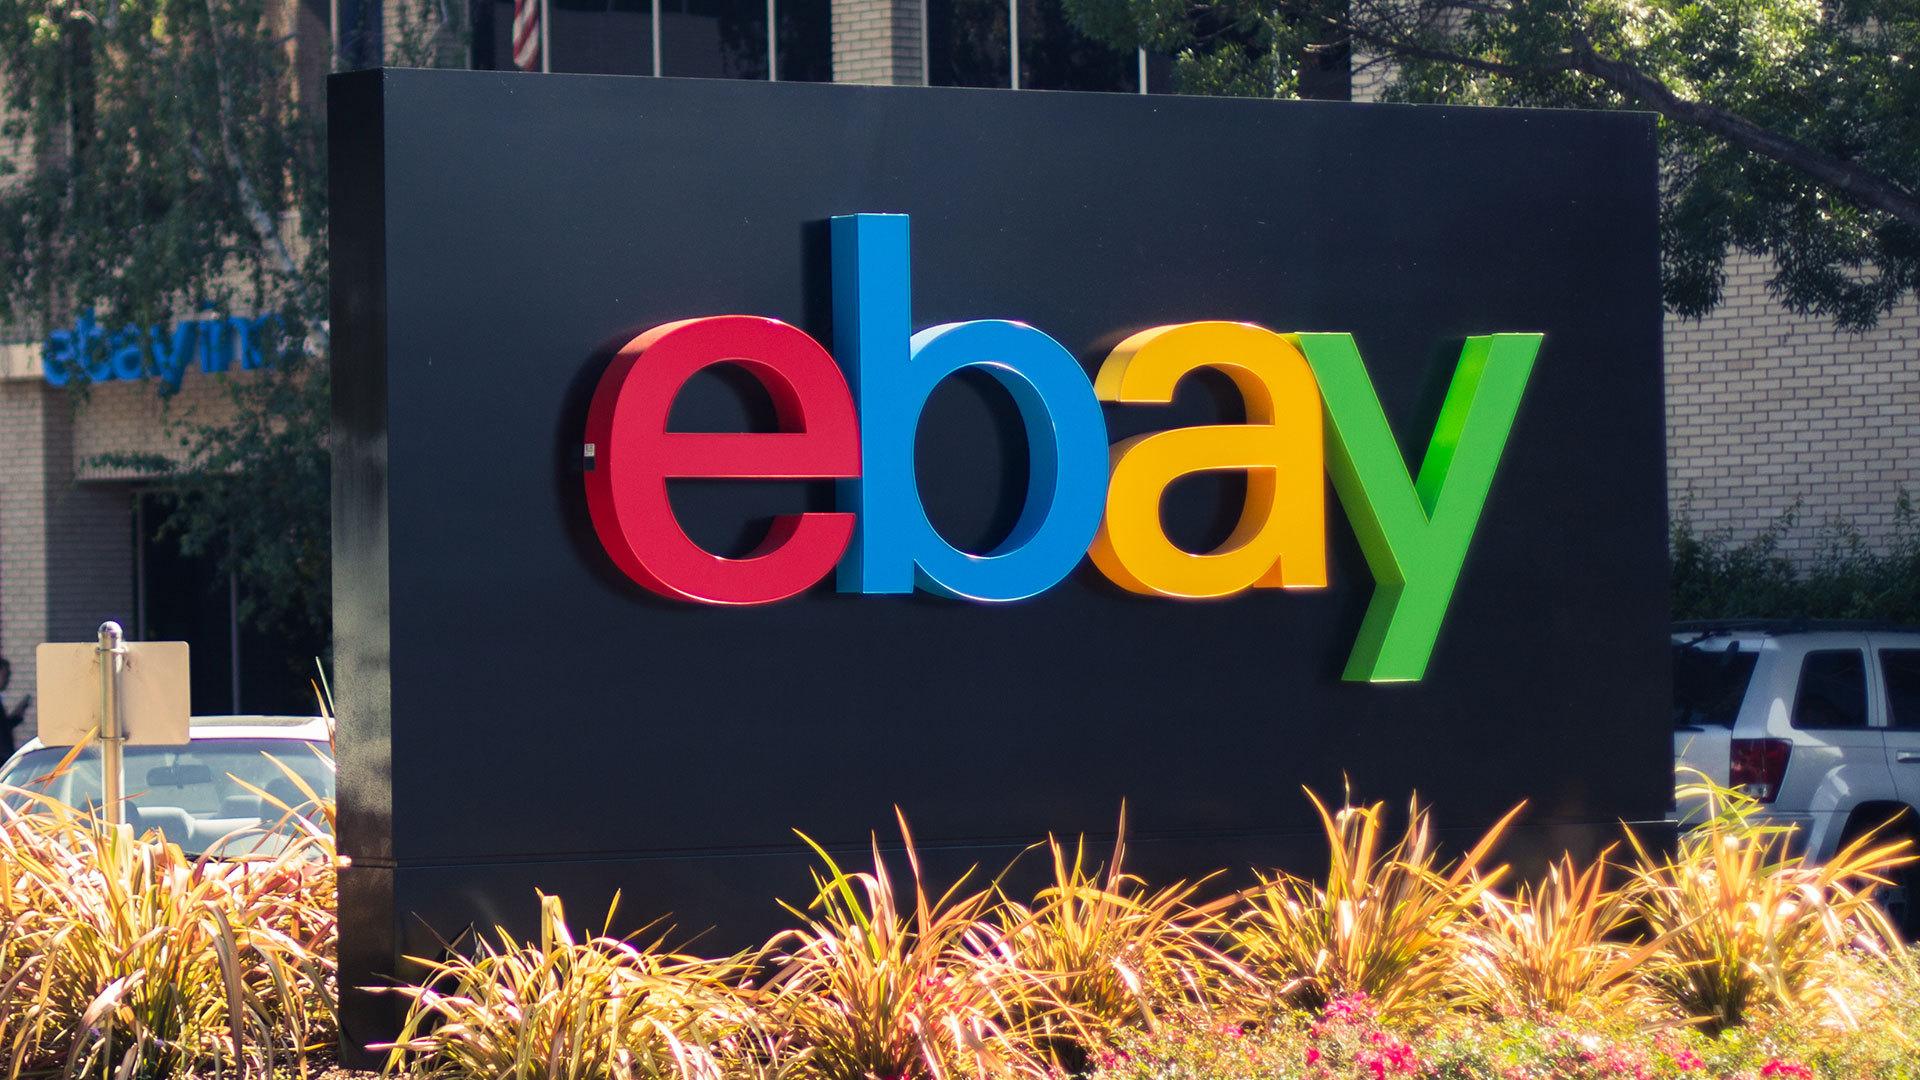 Ebay Wallpaper